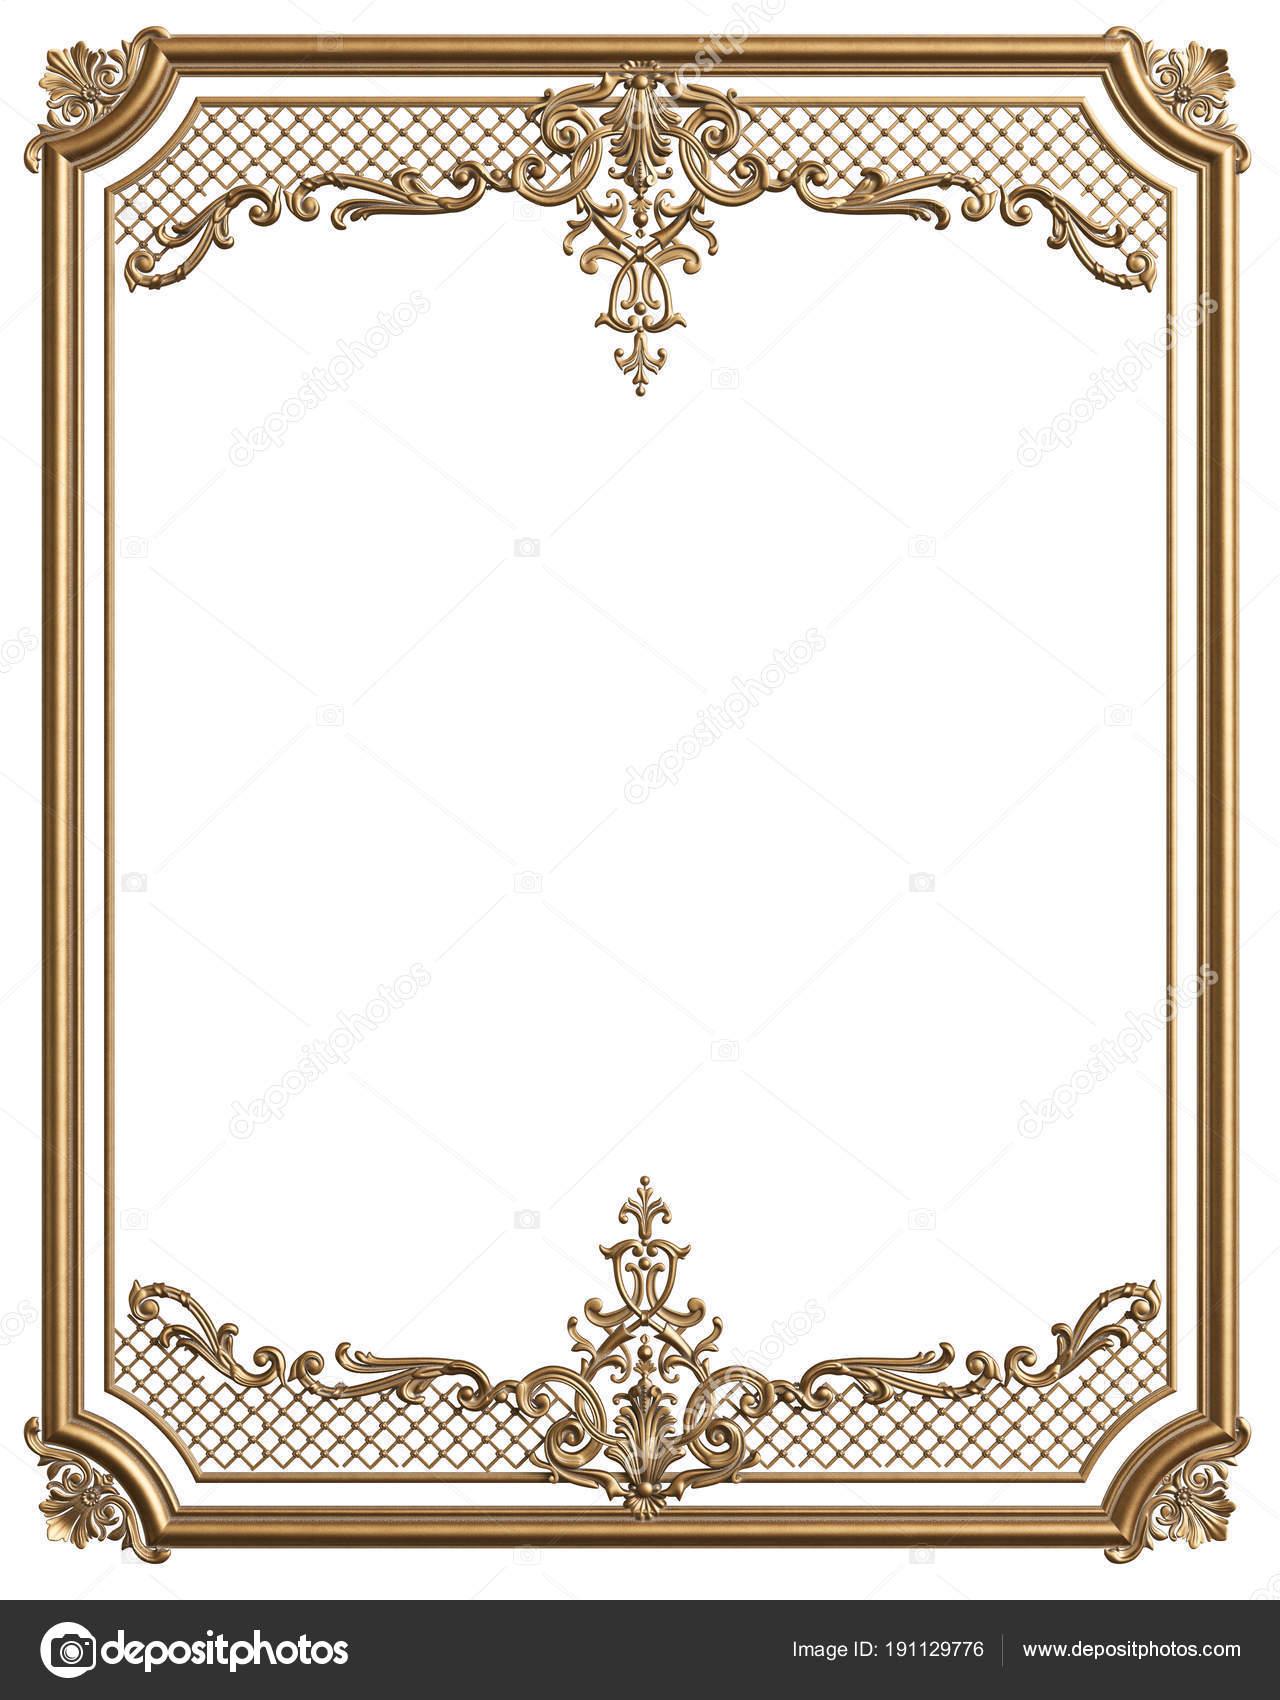 Moldura marco de oro con adornos para la decoración de clásico en ...